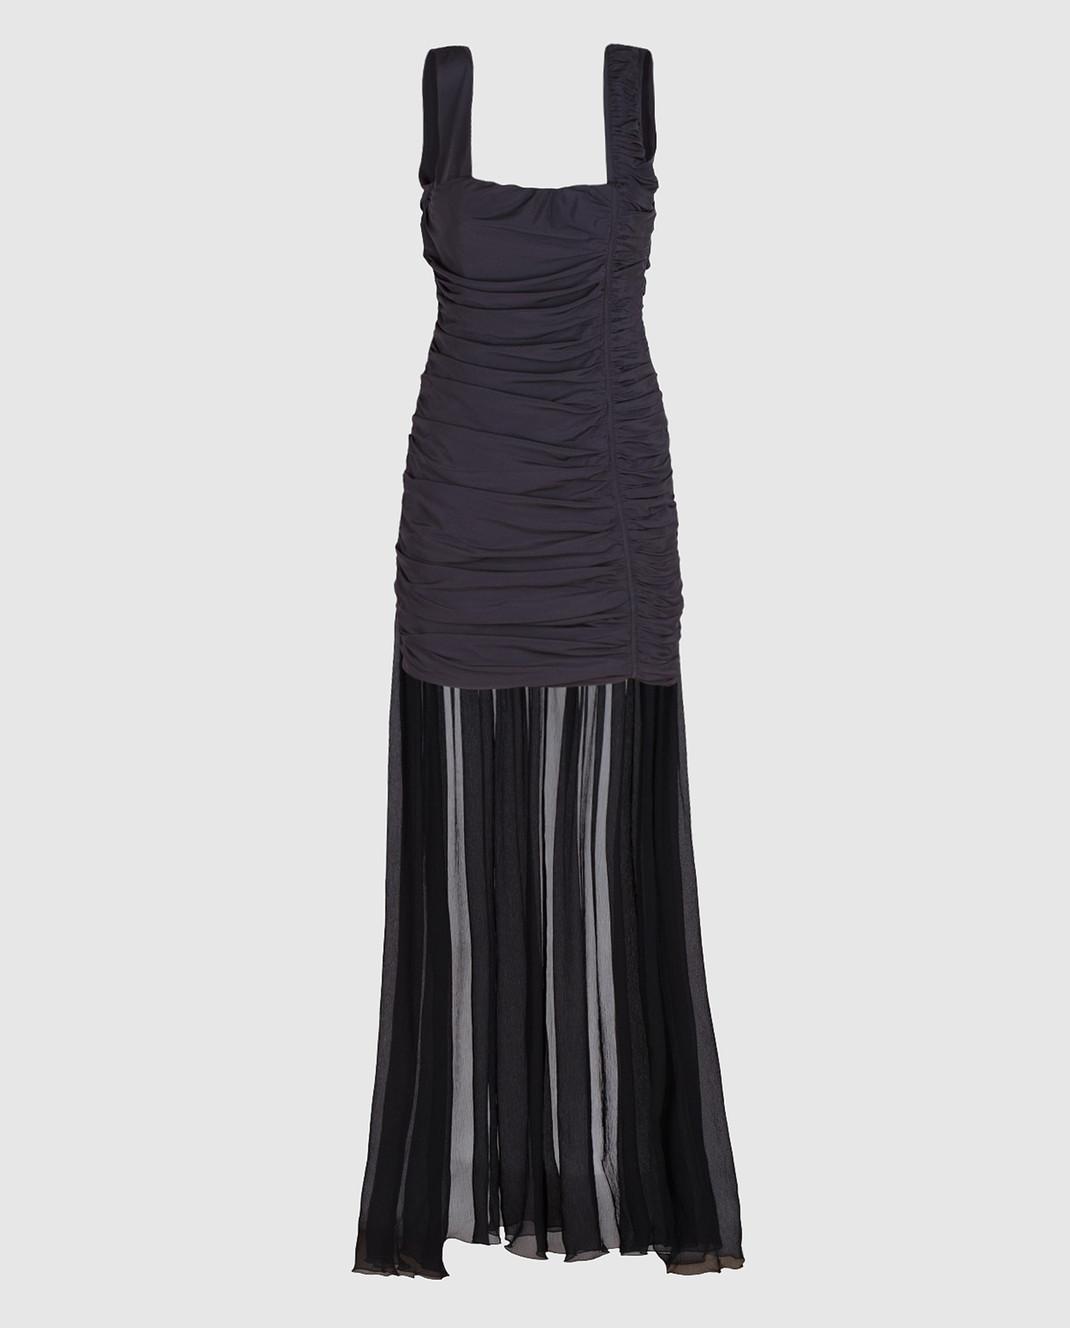 Blumarine Черное платье из драпированного шелка со шлейфом 58456